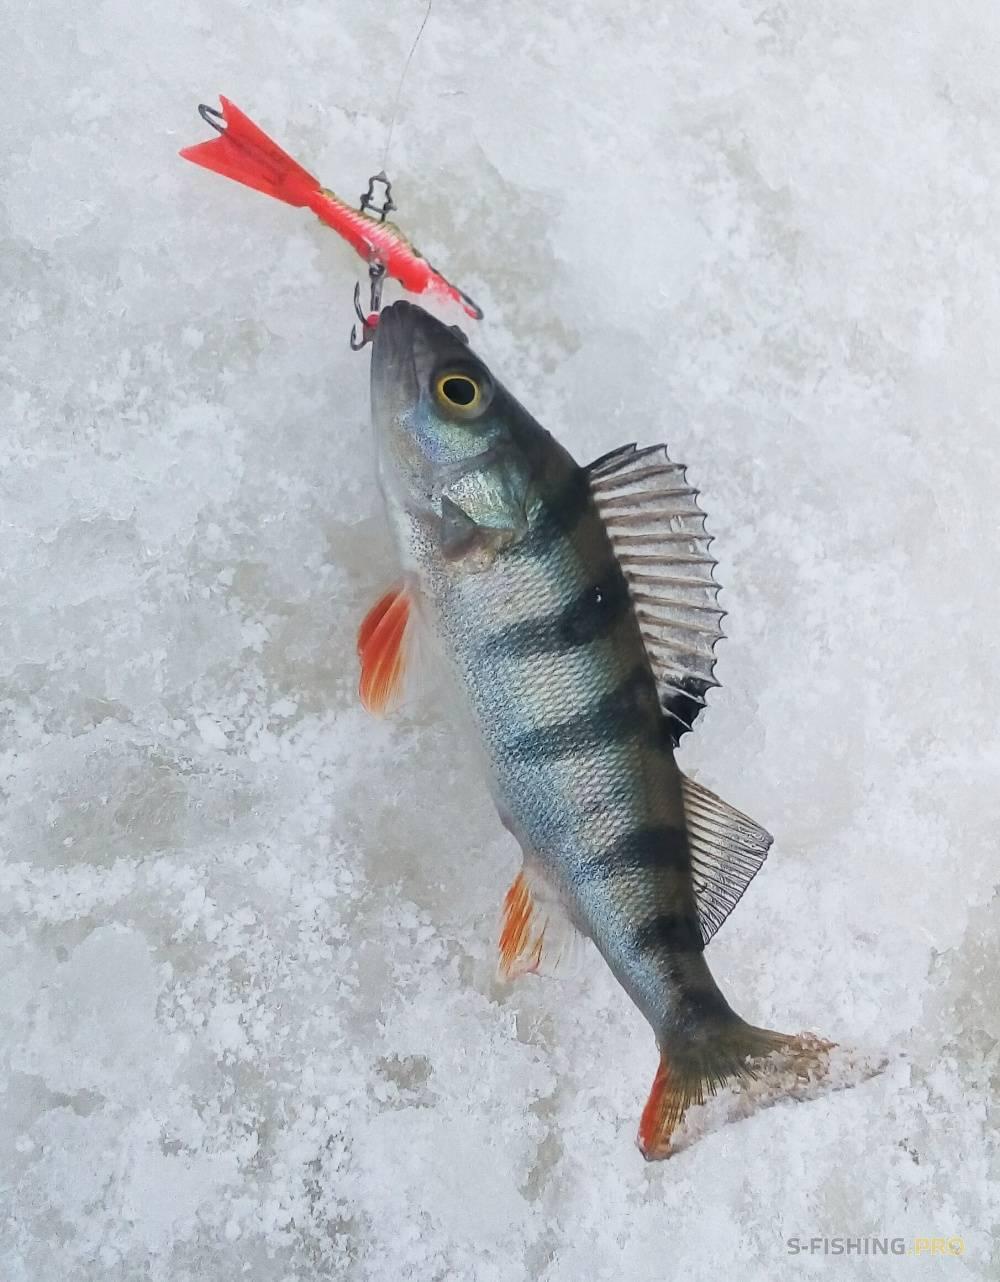 Ловля щуки на балансир зимой: где ловить, как выбрать балансир - читайте на сatcher.fish